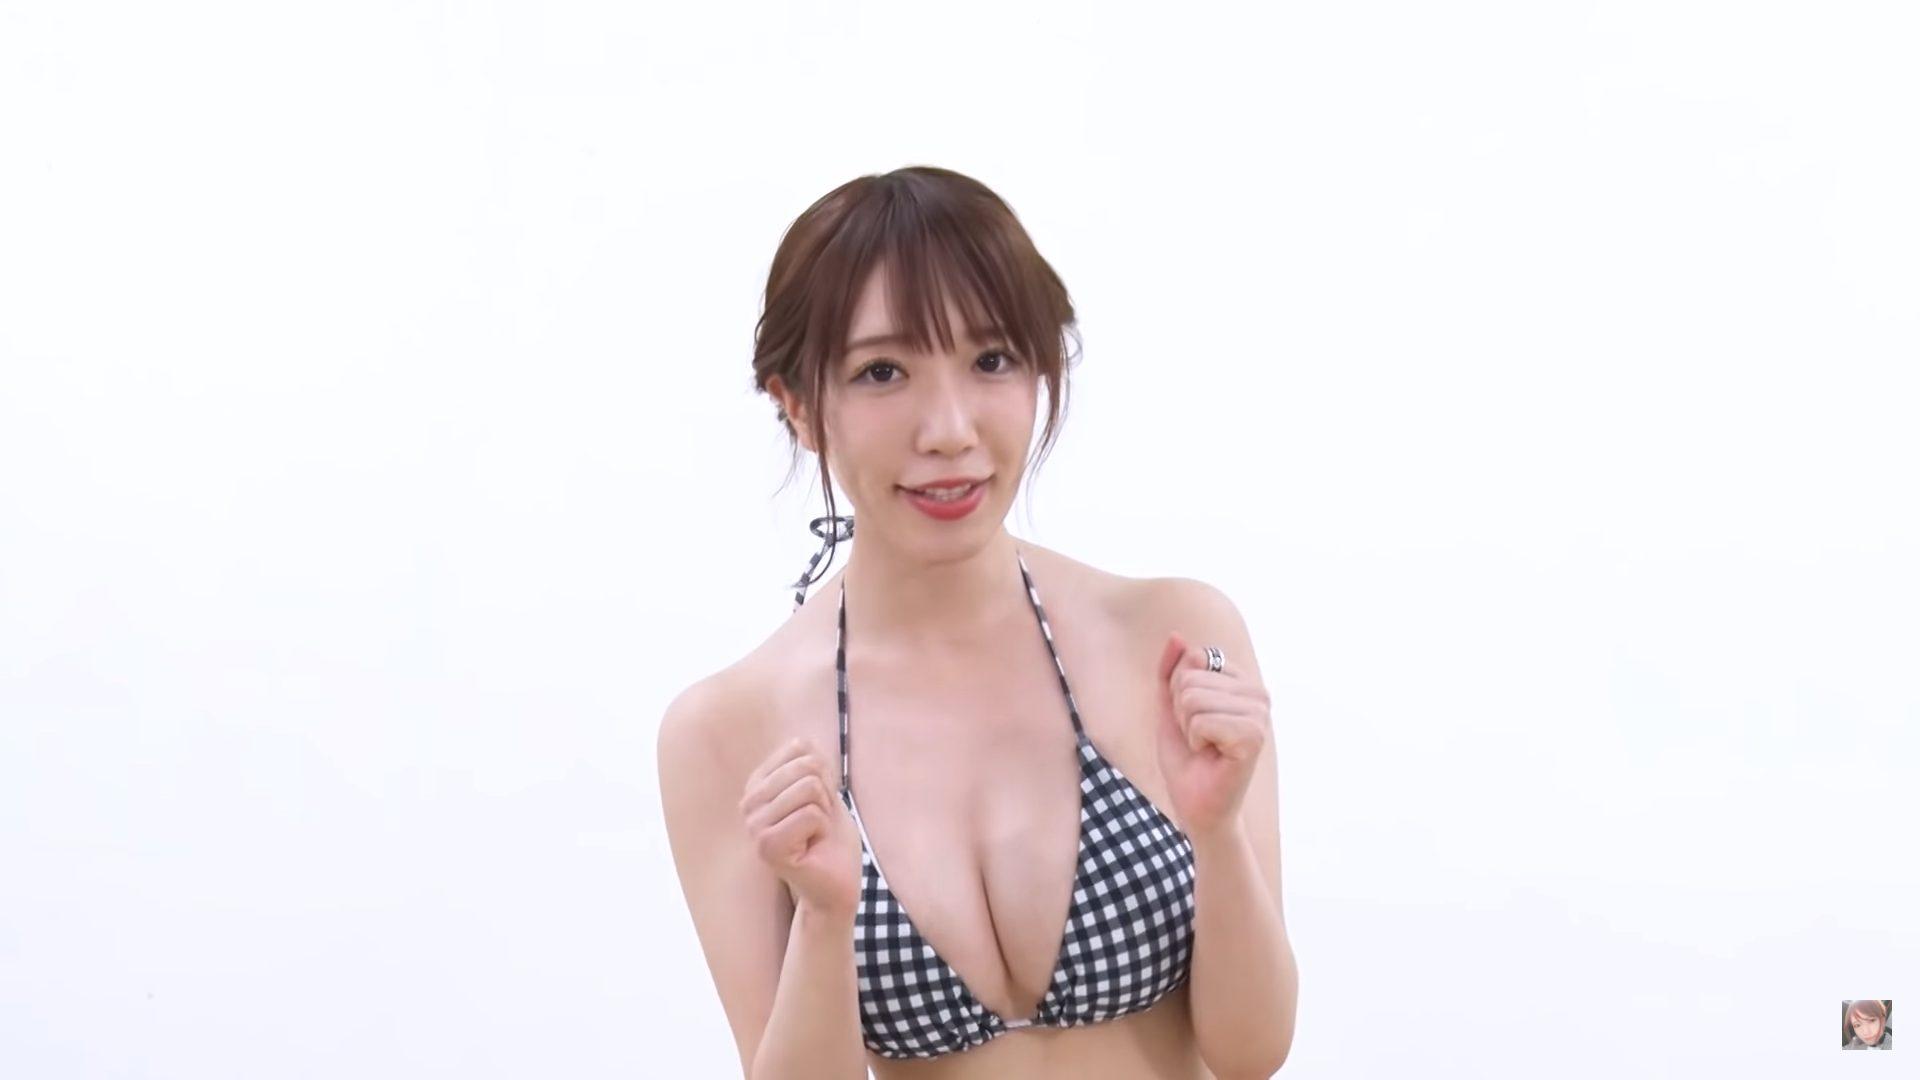 【清水あいり】Hカップ11 100枚パンツを履いてみた動画!水着姿を披露!